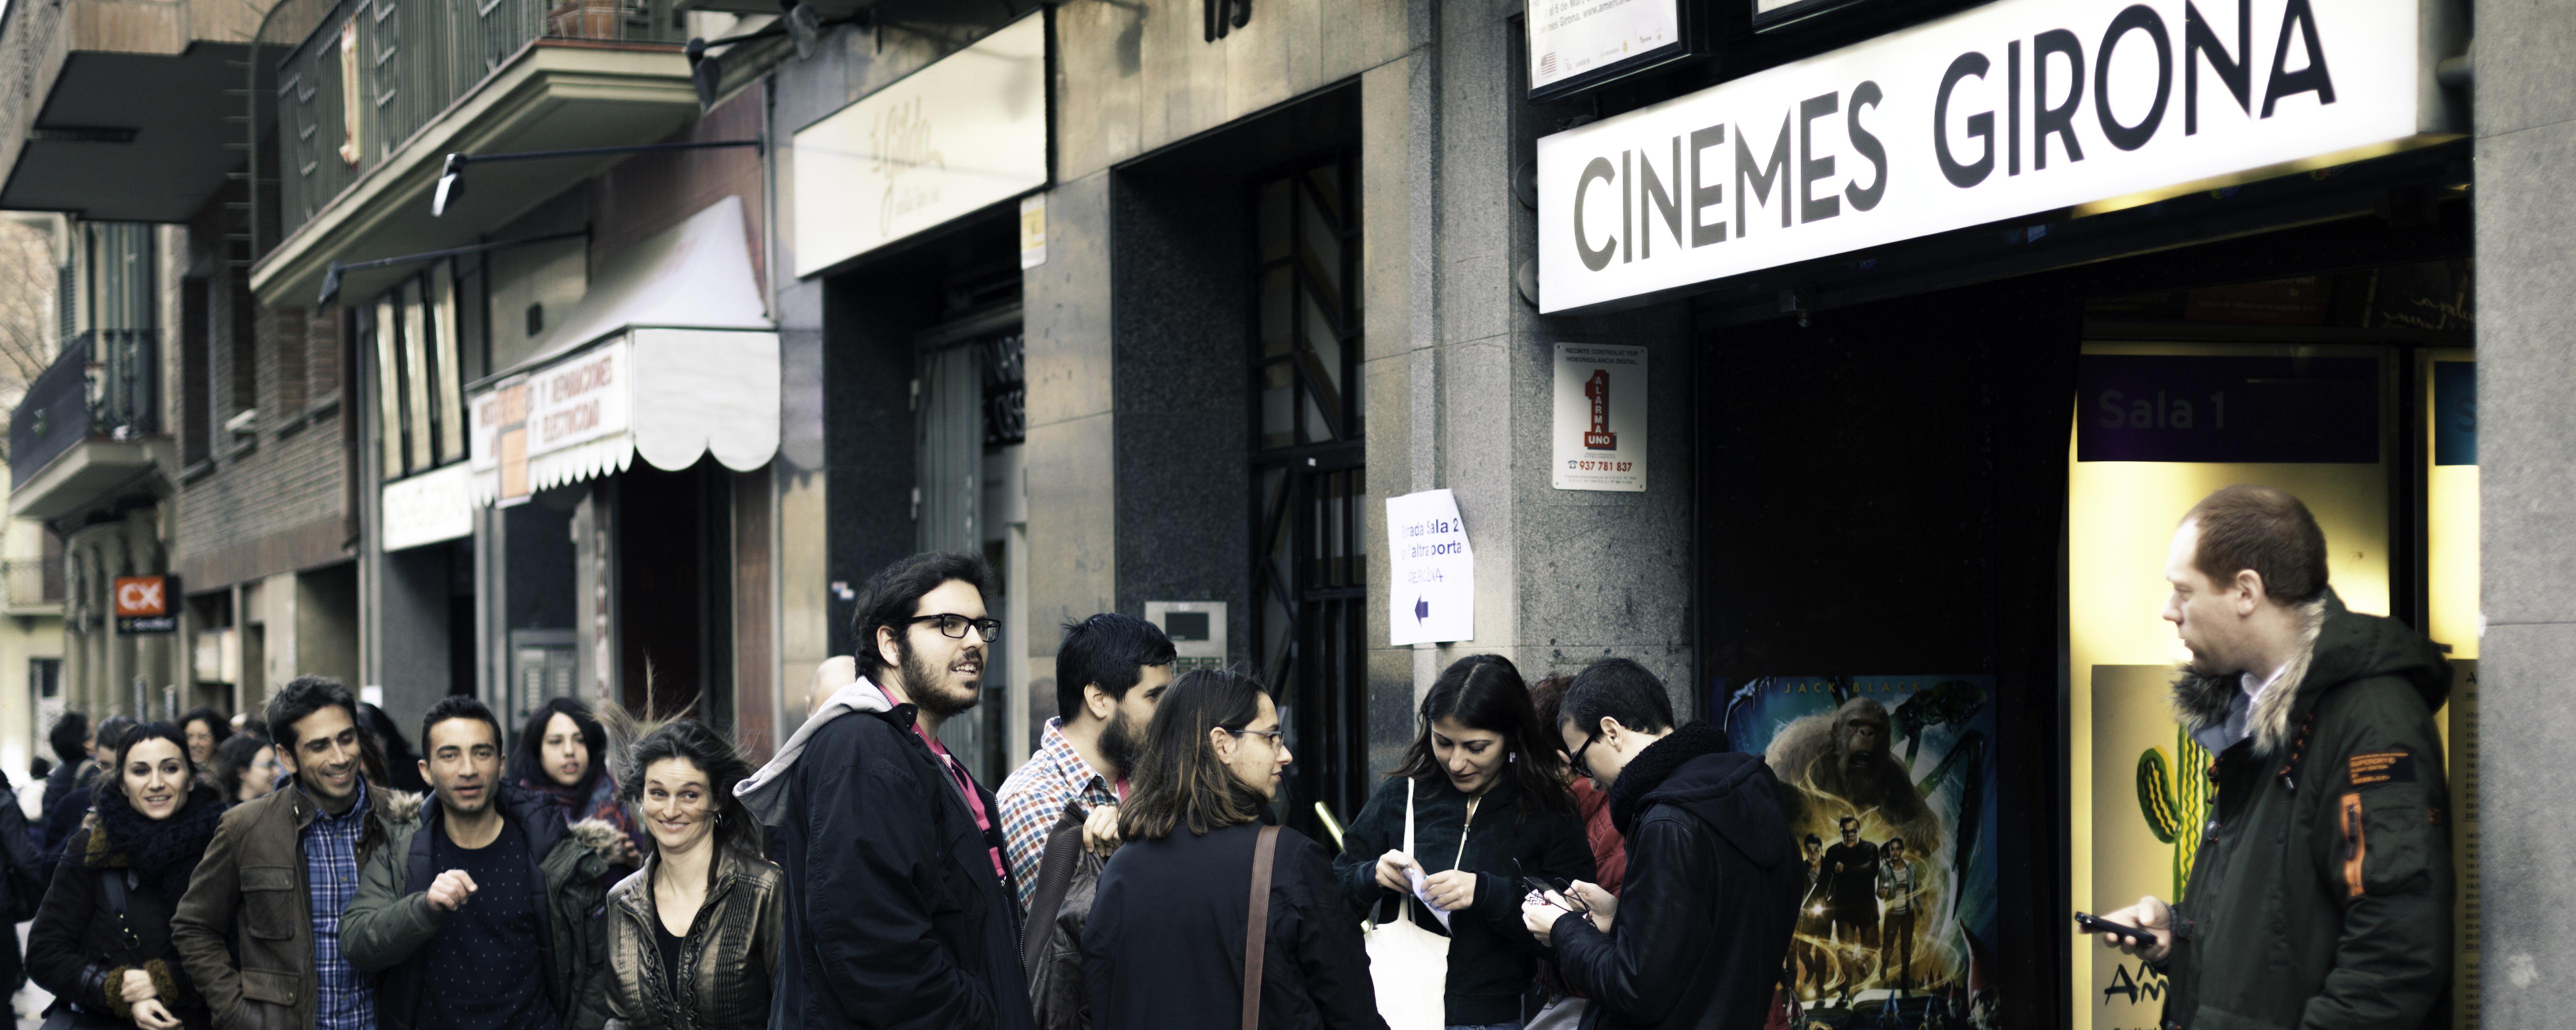 cinemes noti